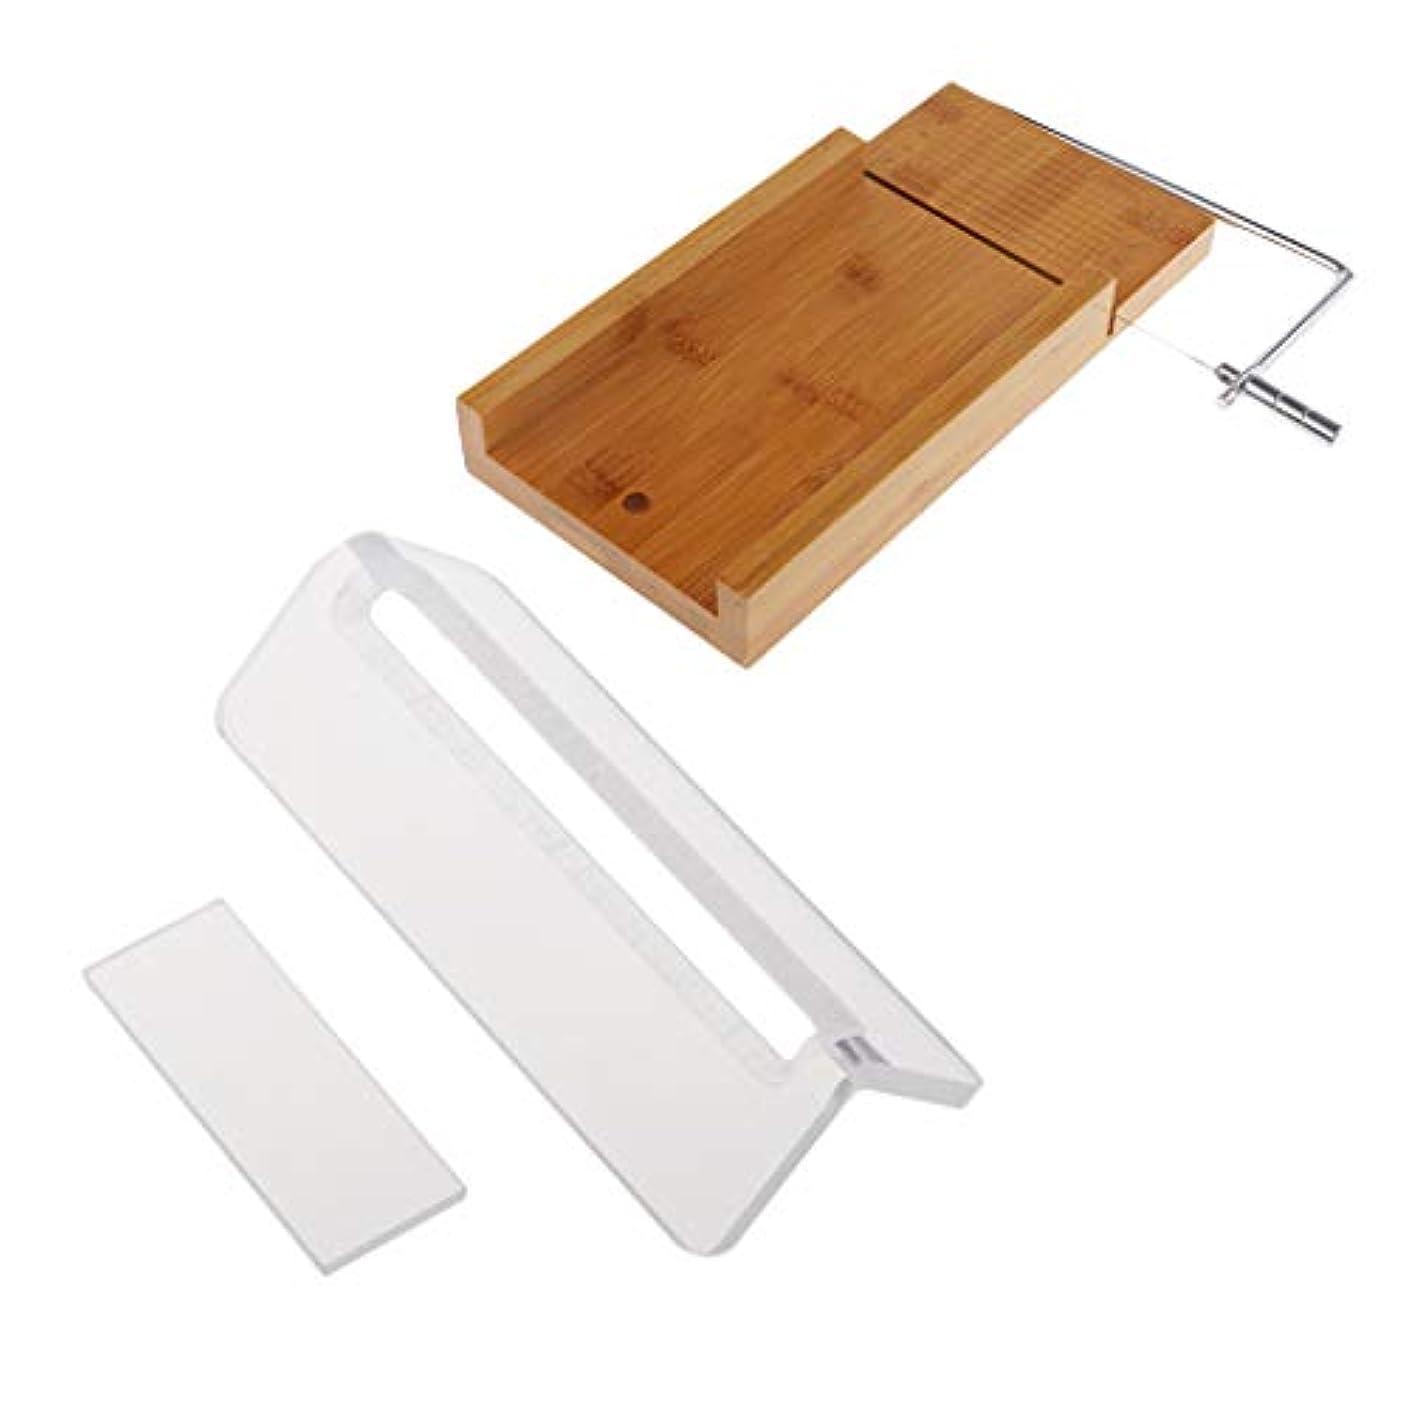 びっくりした役職スポンジ石鹸カッター 木製 ローフカッター チーズカッター ソープカッター ステンレス鋼線 2個入り